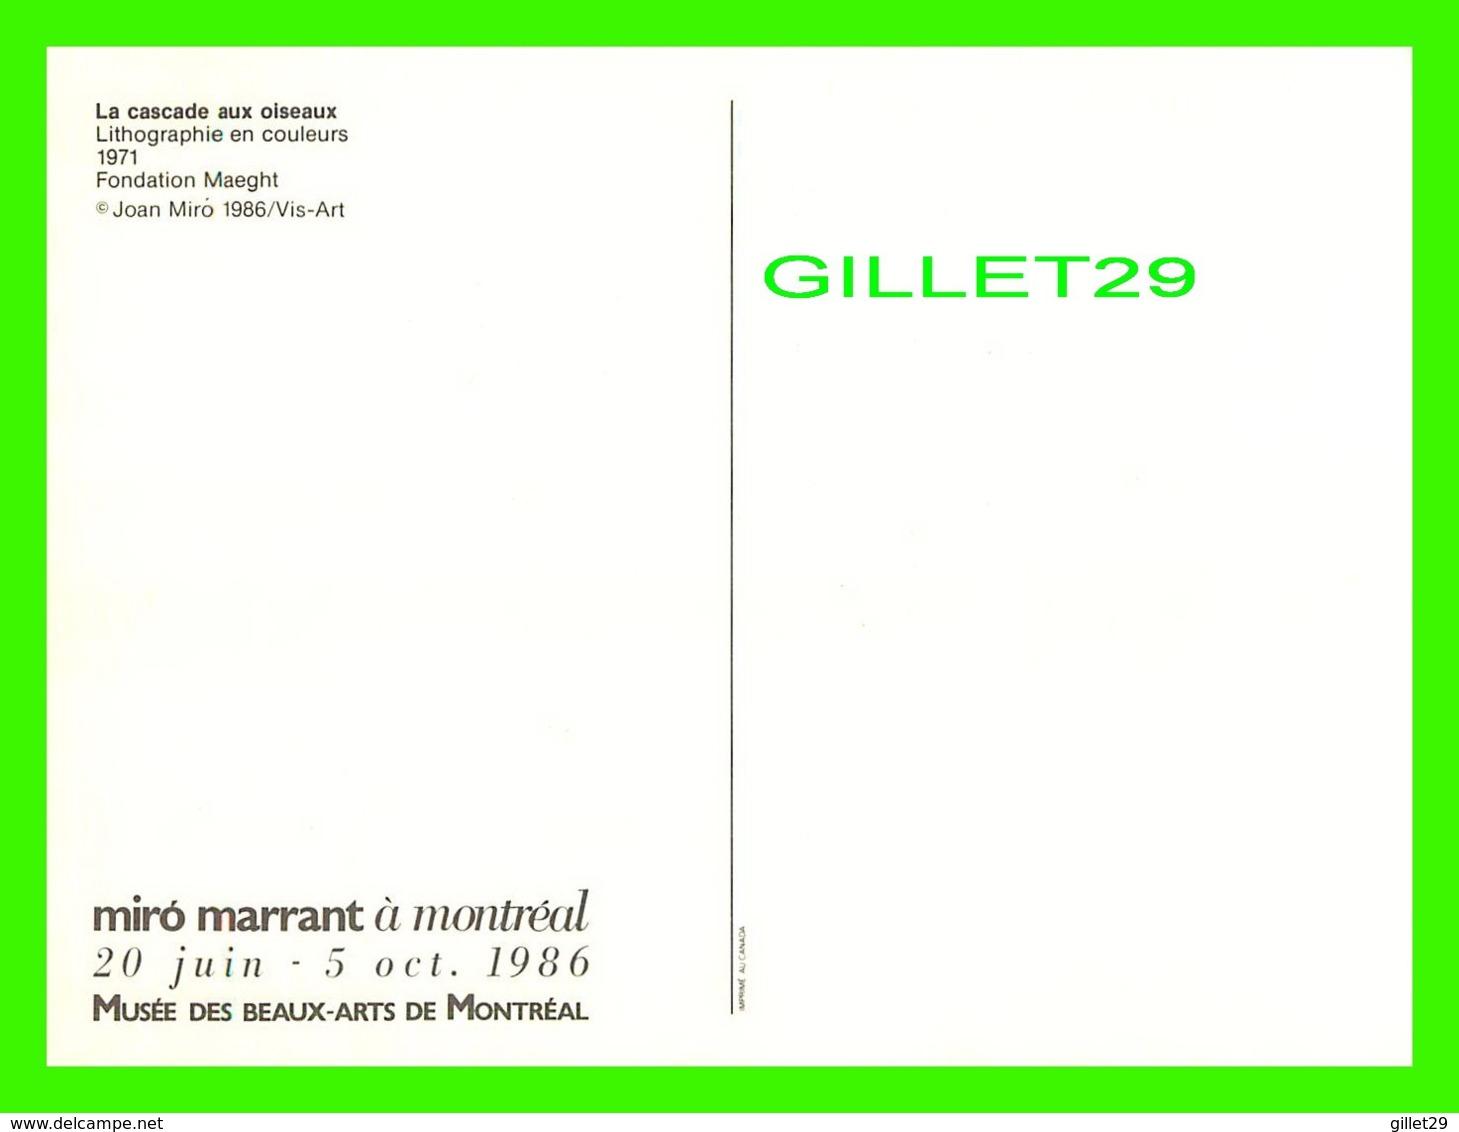 PUBLICITÉ - MIRO MARRANT À MONTRÉAL EN 1986, MUSÉE DES BEAUX-ARTS - LA CASCADE AUX OISEAUX, 1971 - 12.5 X 17.5 Cm - Publicité